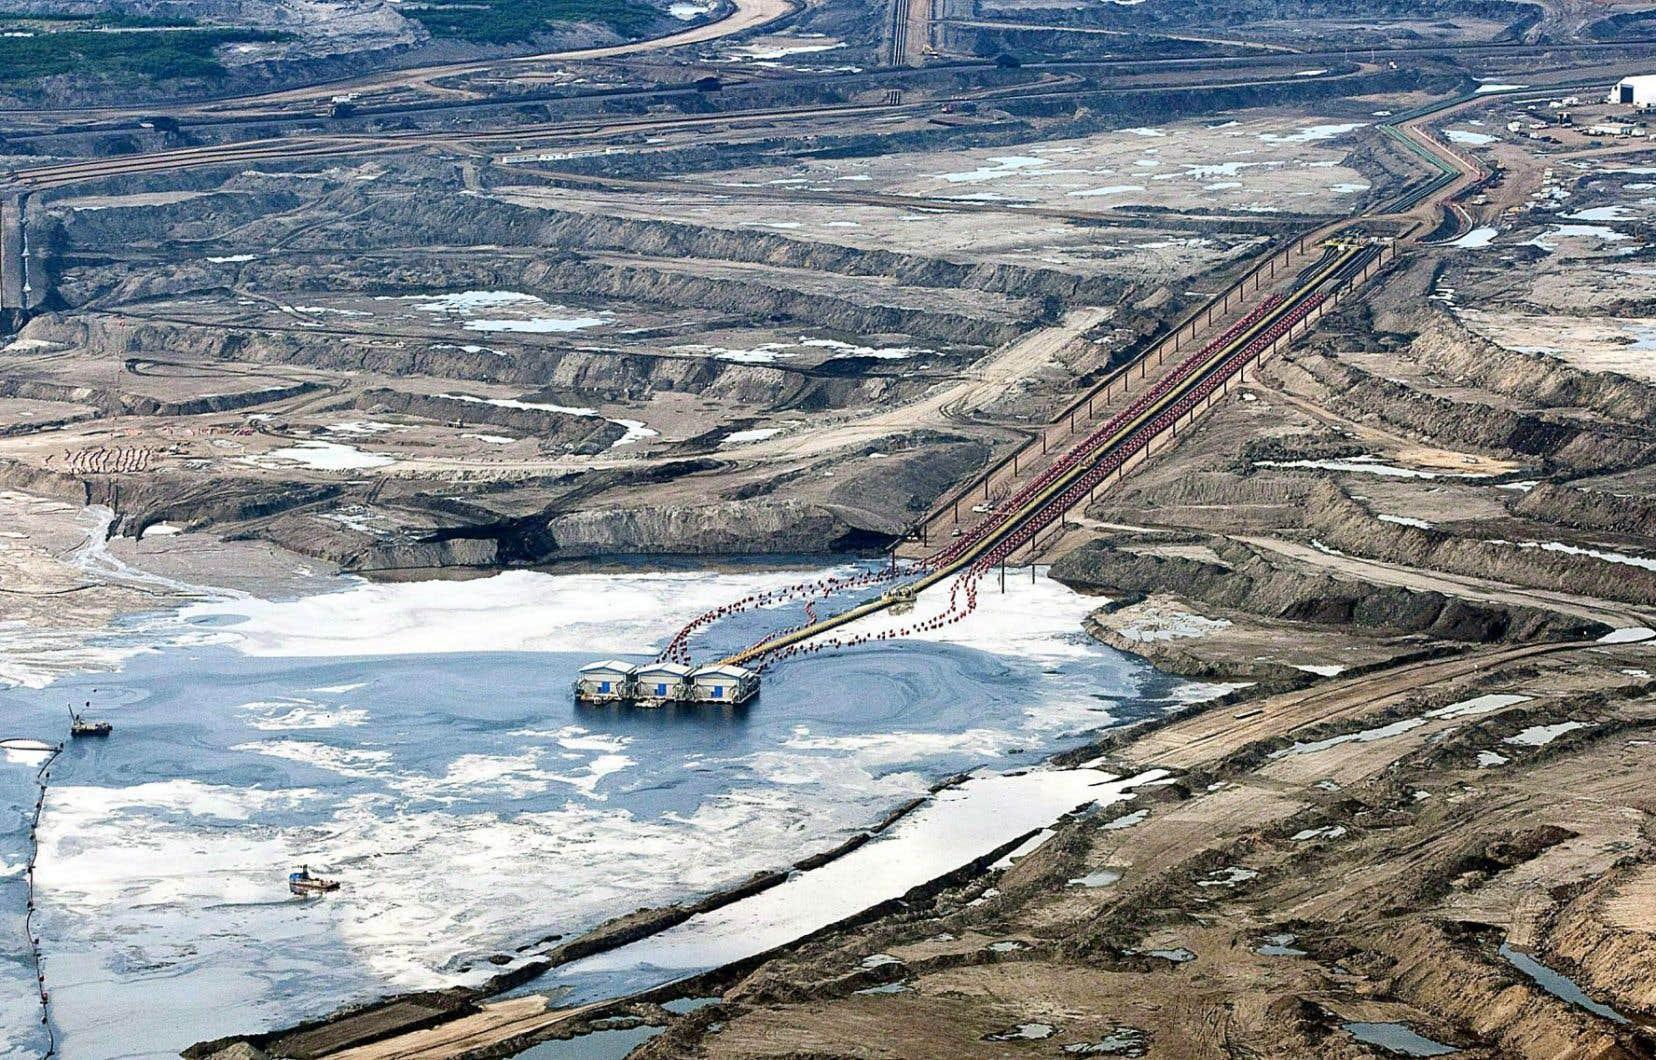 L'exploitation des sables bitumineux dans la région de Fort McMurray en Alberta risque d'être freinée par la diminution de la consommation des énergies fossiles.